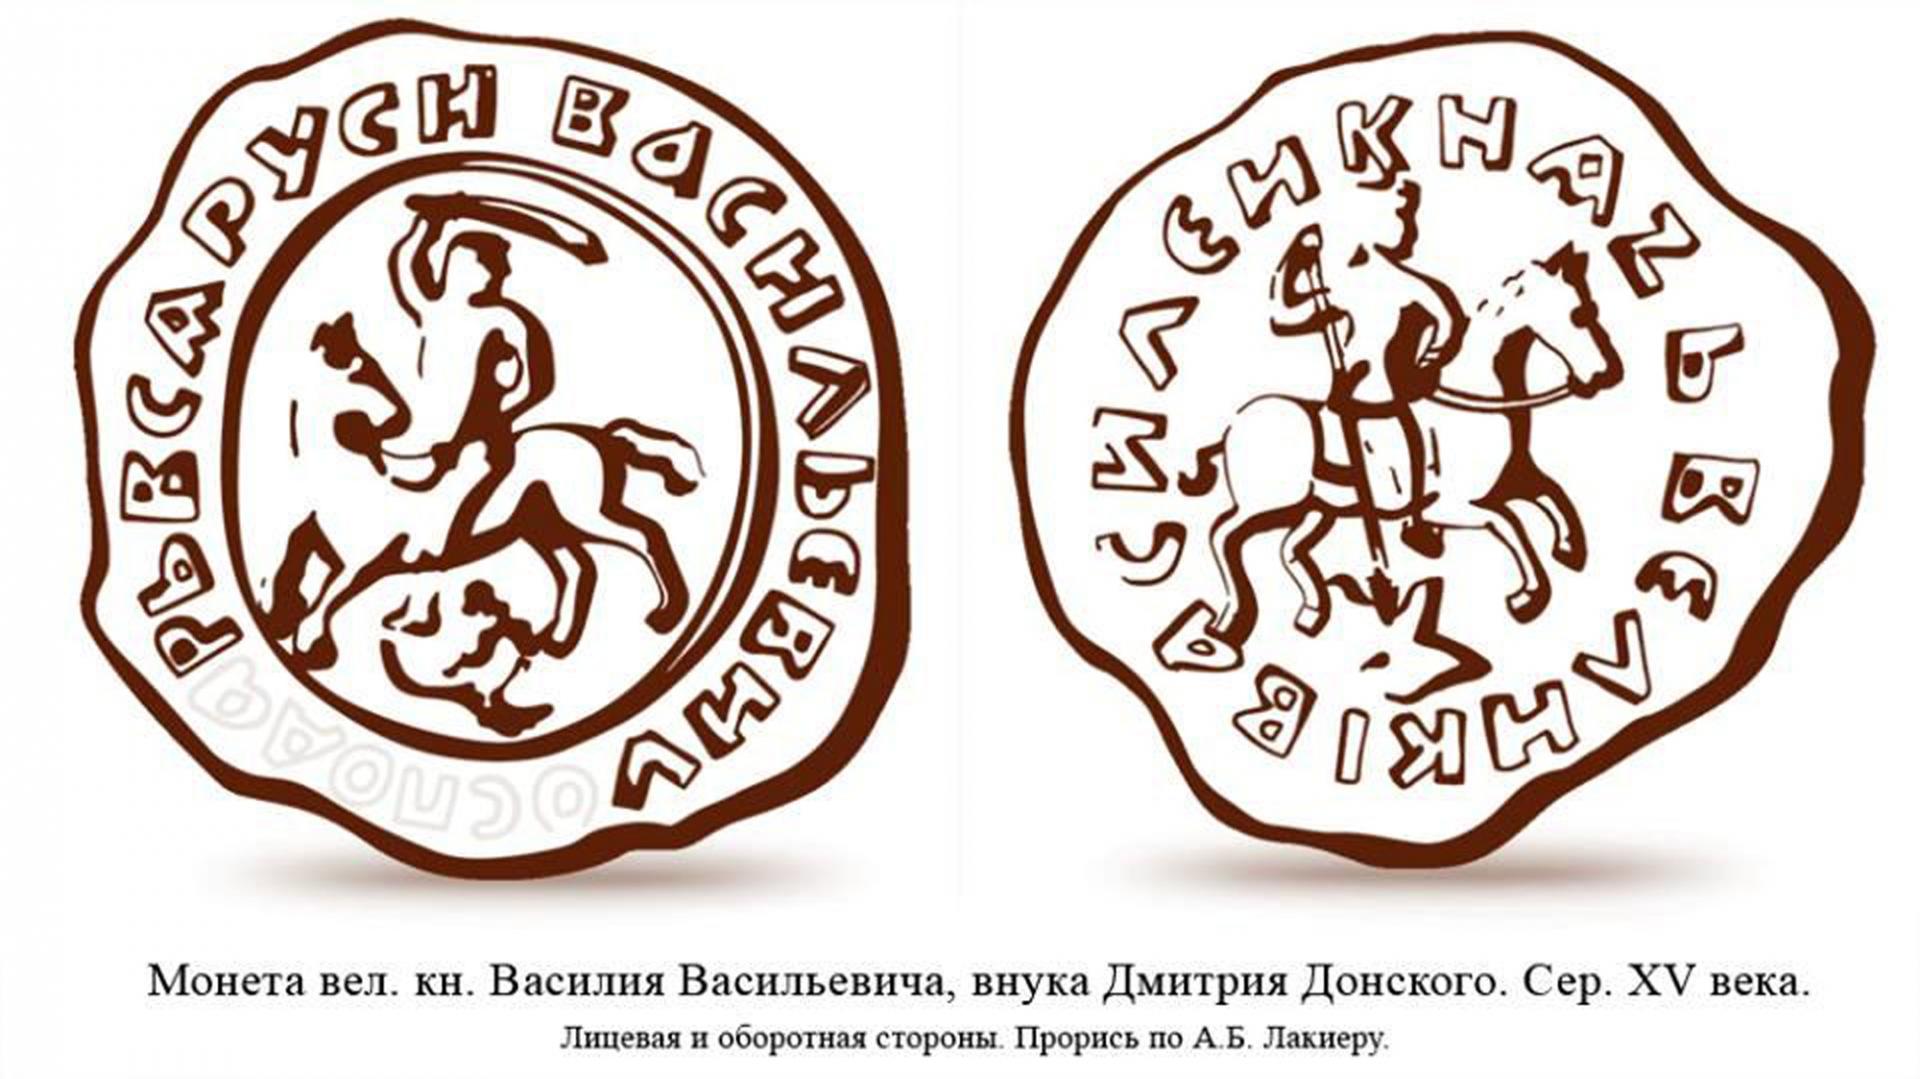 Возрождение белорусской Погони обусловлено также необходимостью – уравнять символику Беларуси и России во временном ракурсе